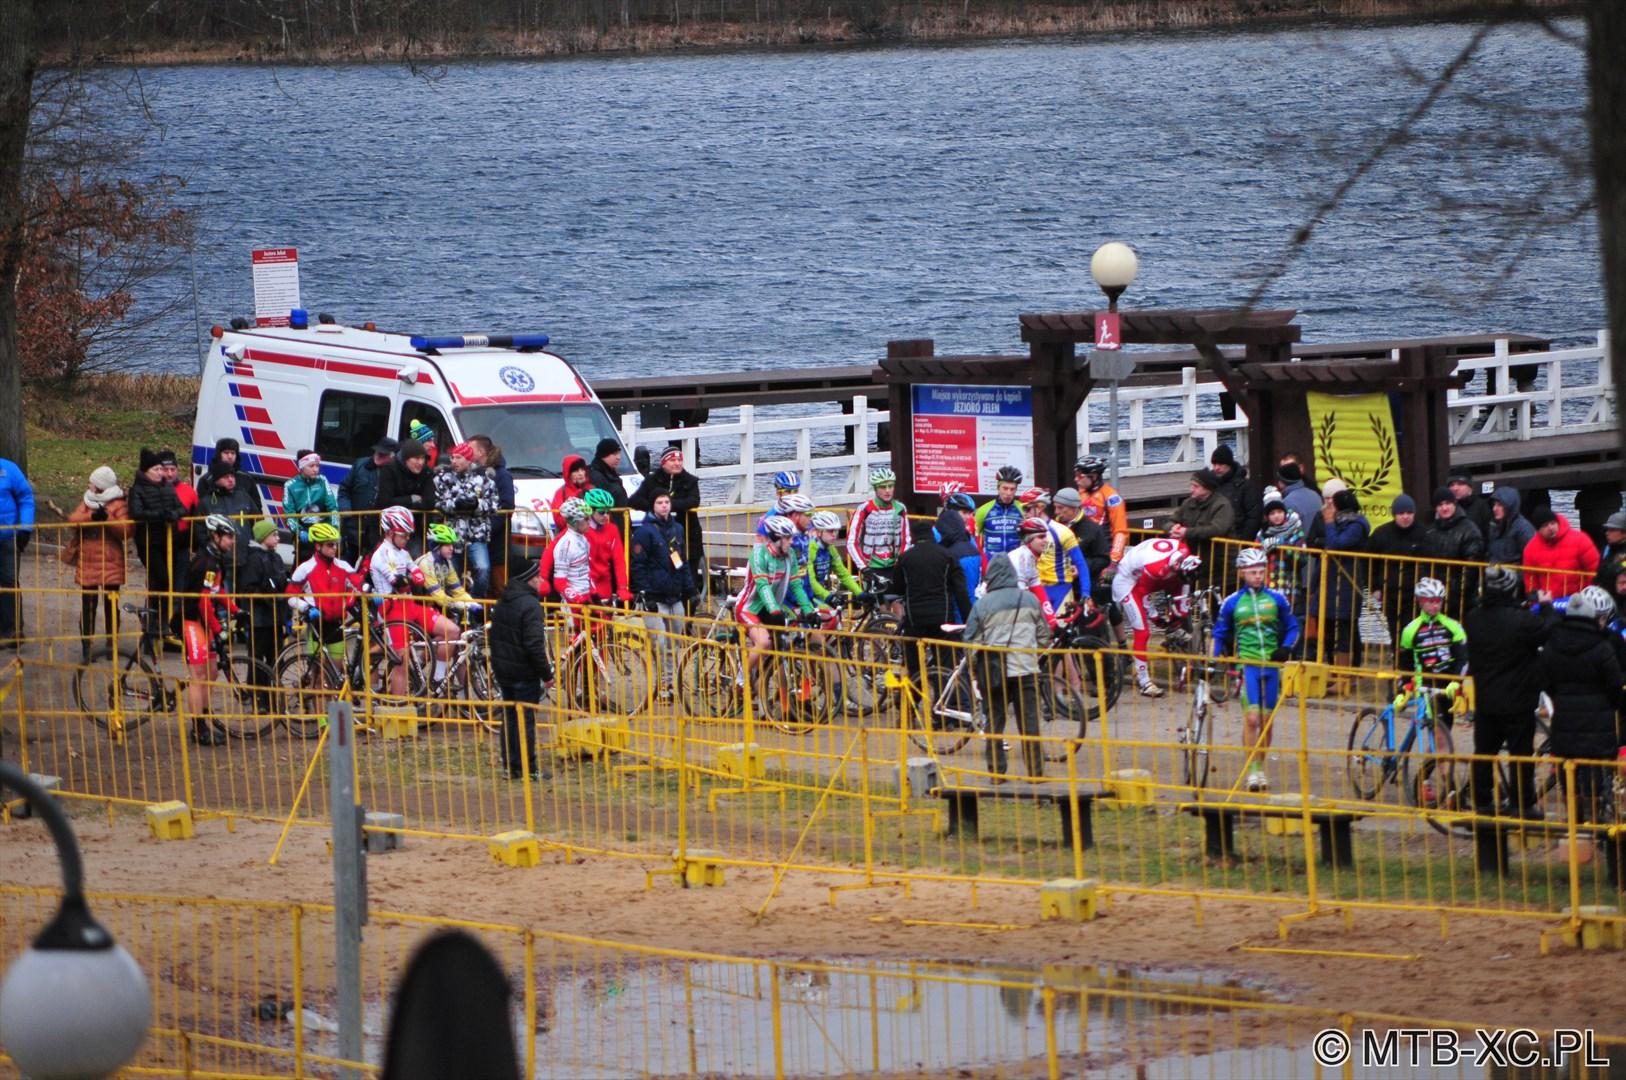 Mistrzostwa Polski w kolarstwie przełajowym – Bytów 2015 [wrażenia]